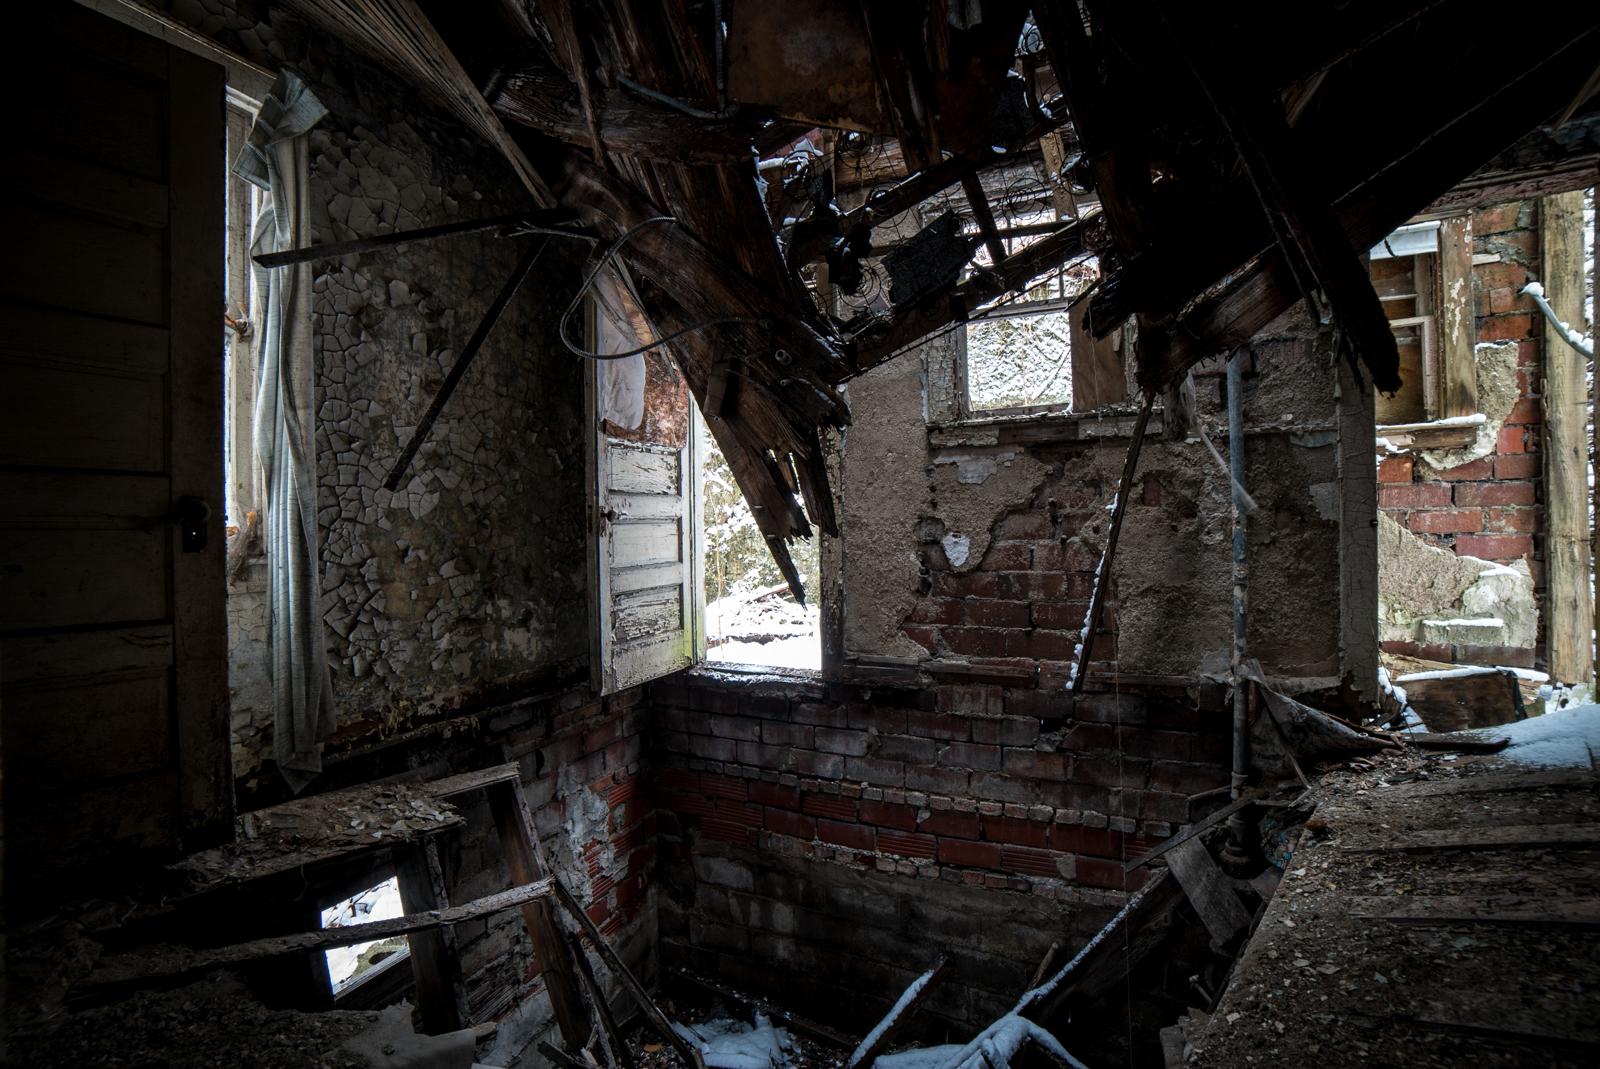 The Eerie Abandoned Neighborhood of Lincoln Way ...